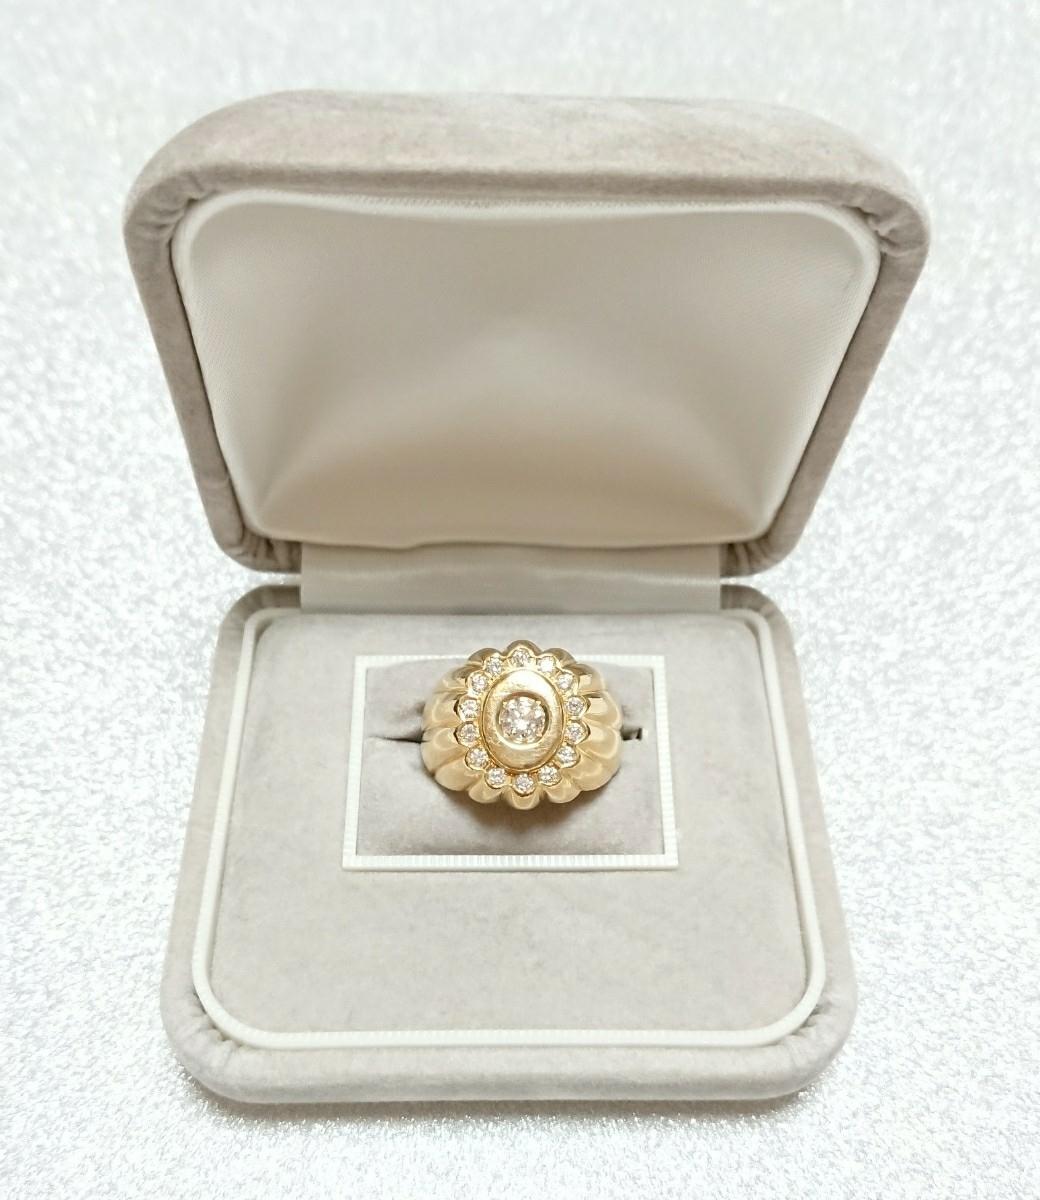 【18金YG&ダイヤモンド/リング】K18YG 24,5g/天然ダイヤモンド 0,62ct(0,32/0,30) リング 指輪【大丸百貨店購入】